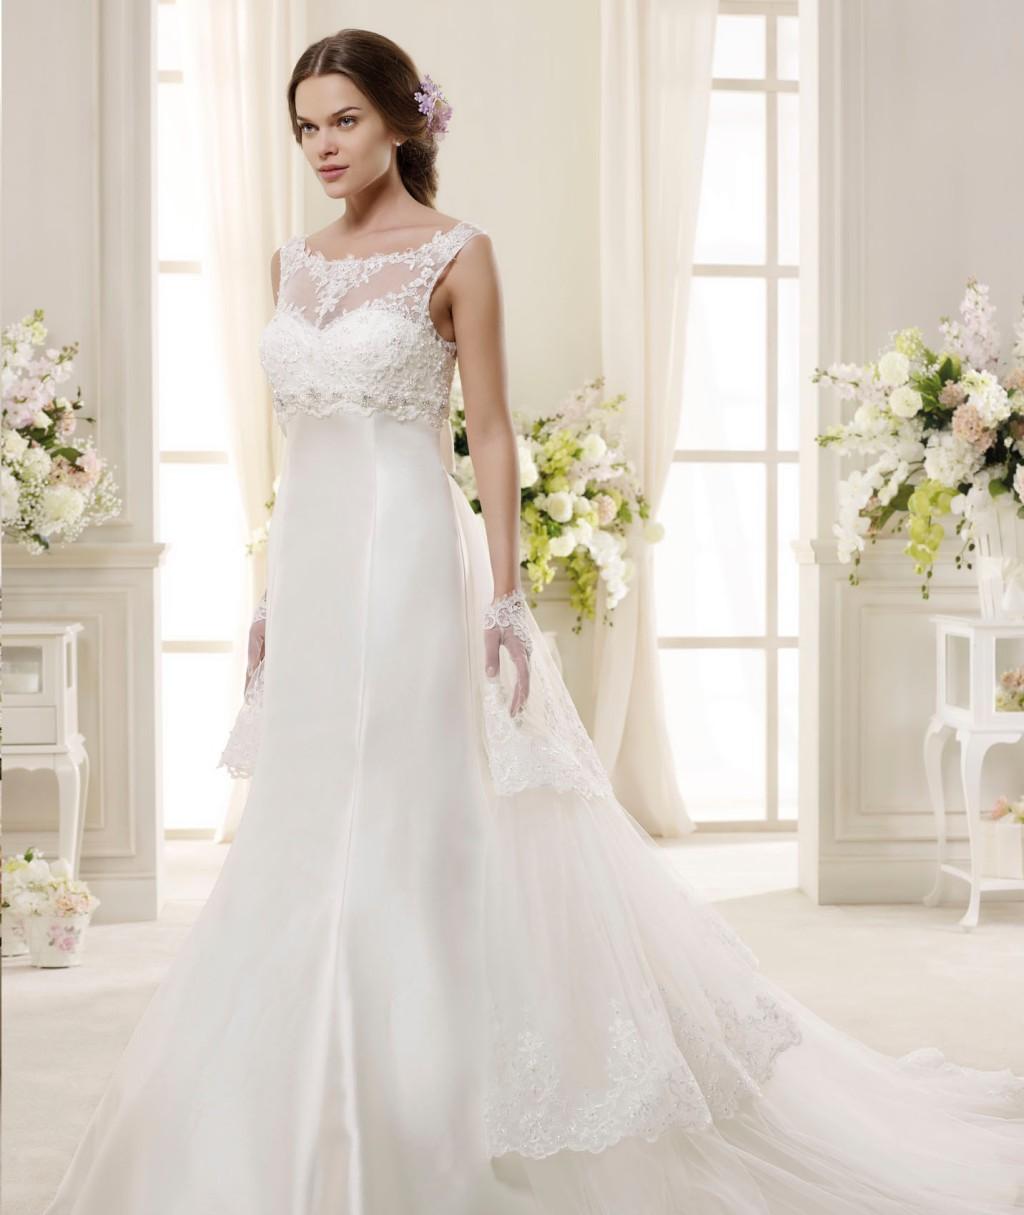 Wedding Dresses Lebanon submited images